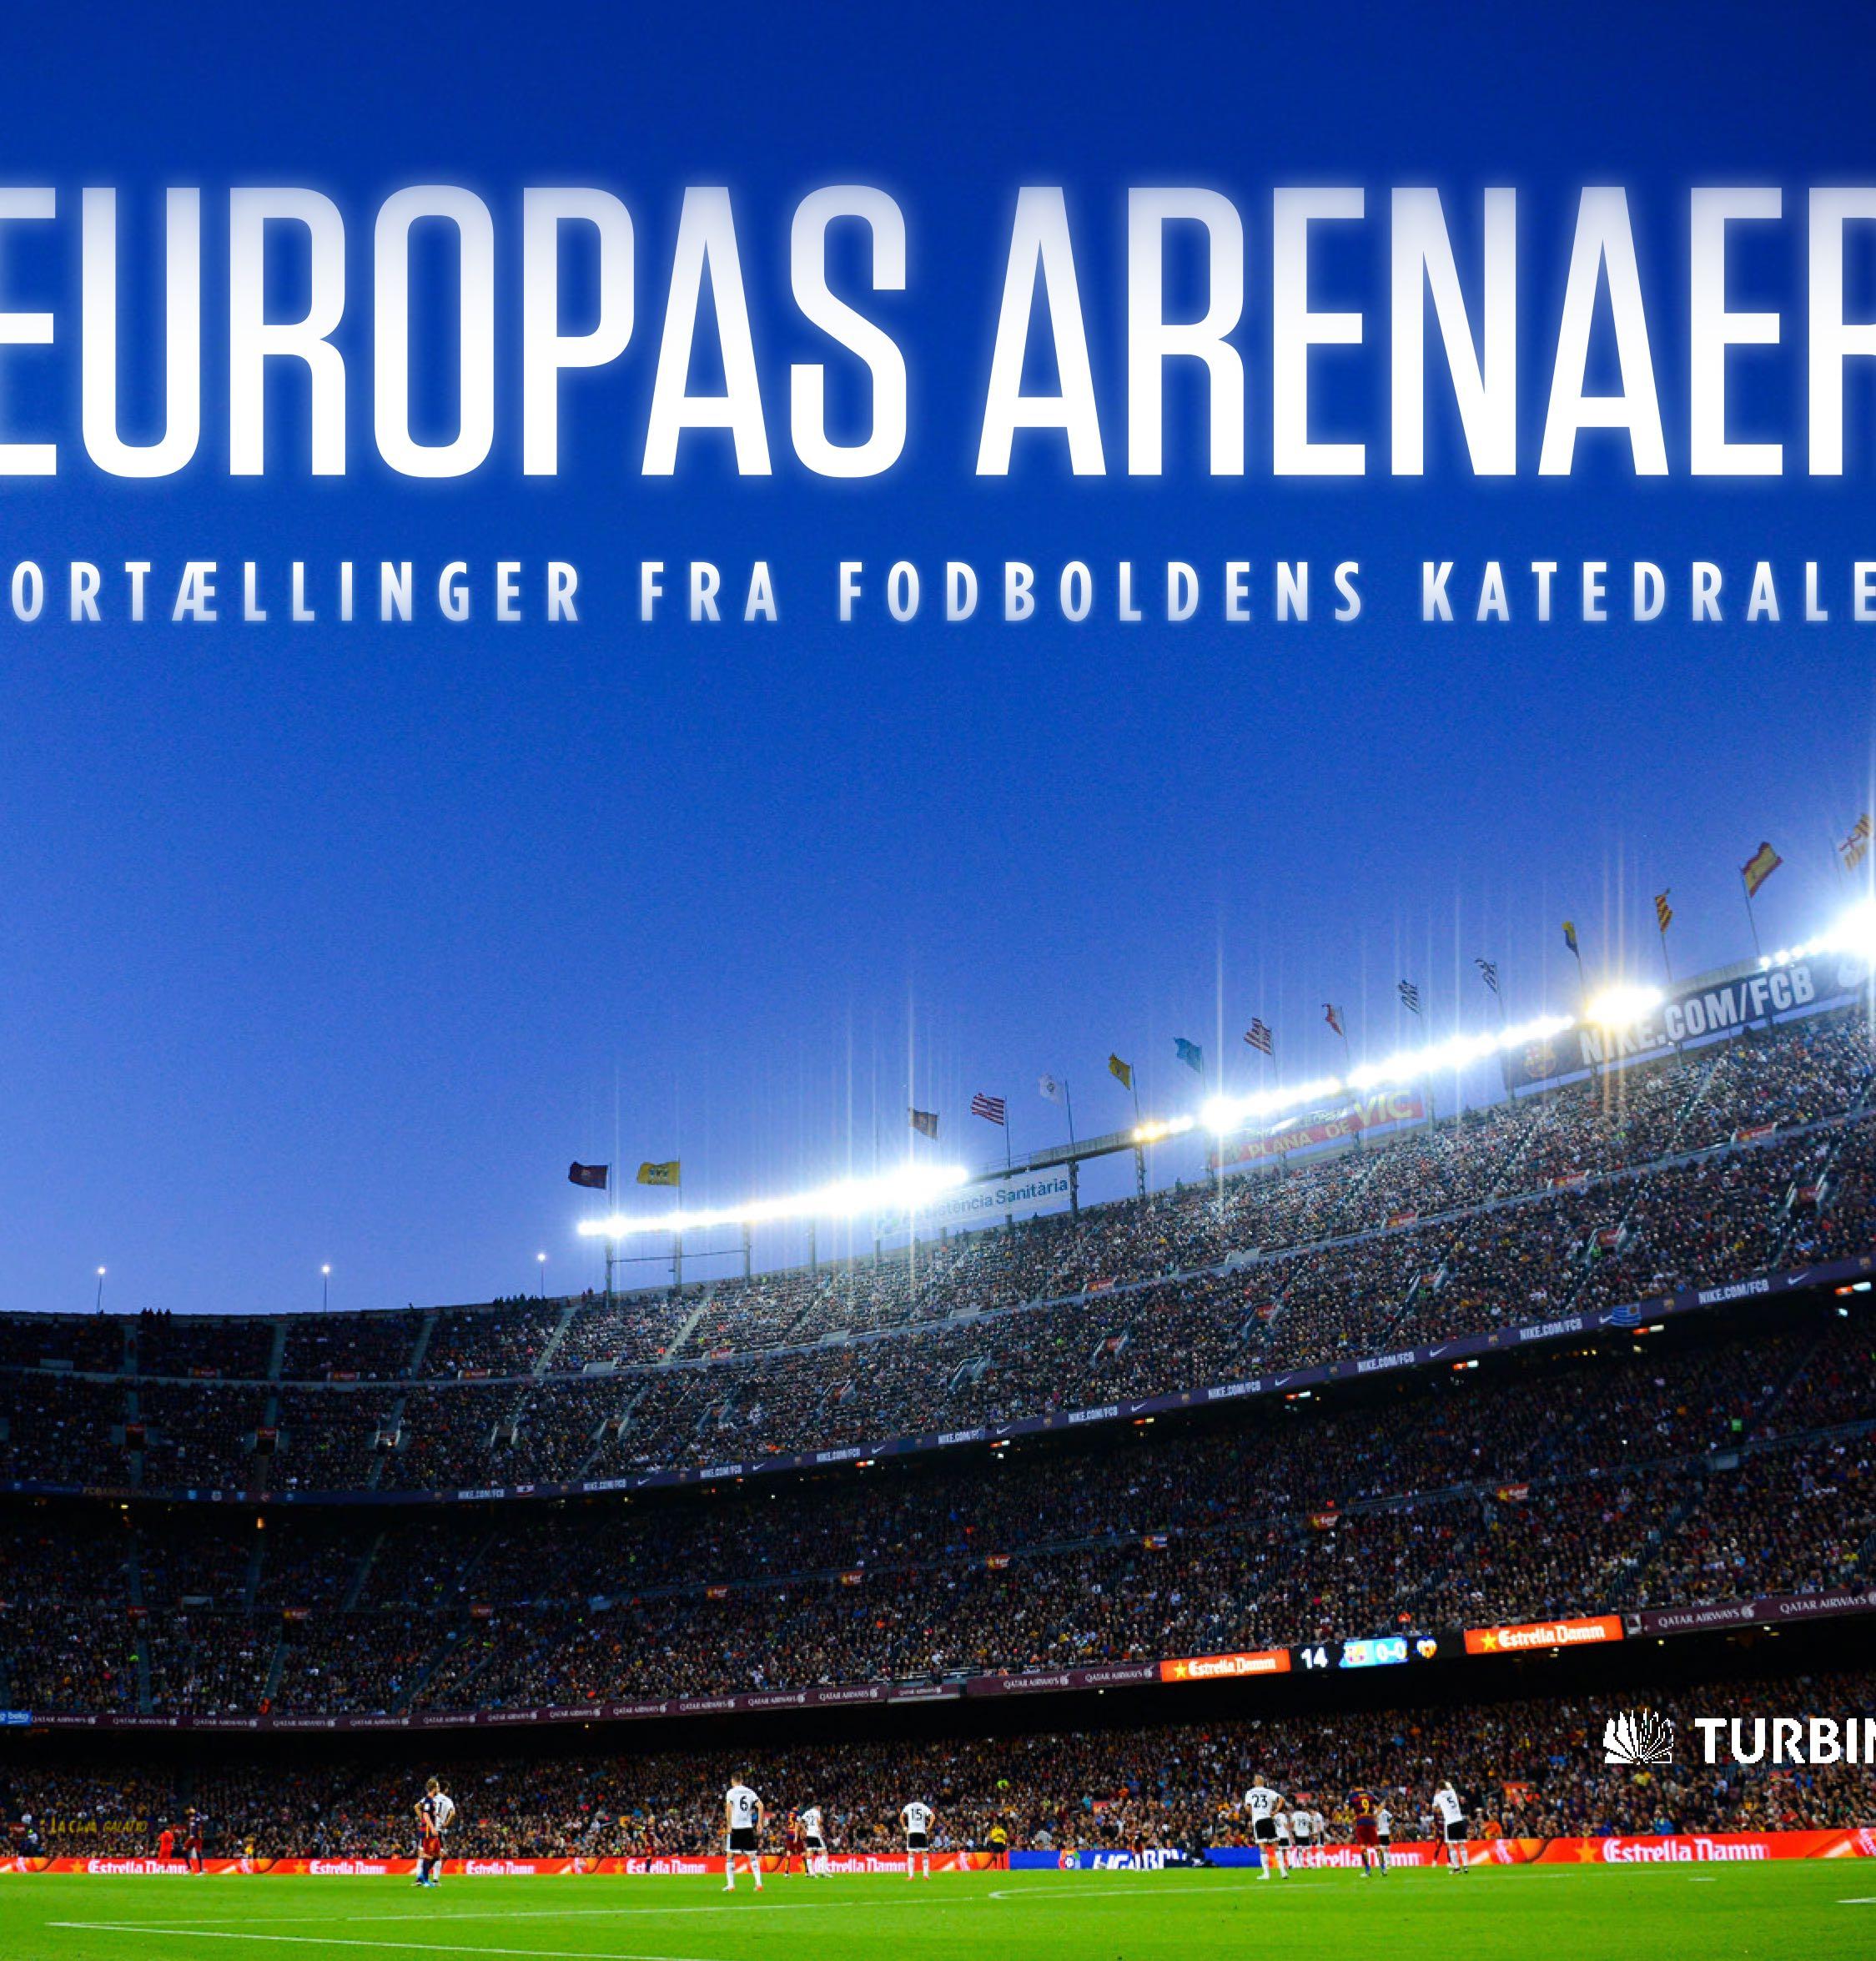 Europas arenaer